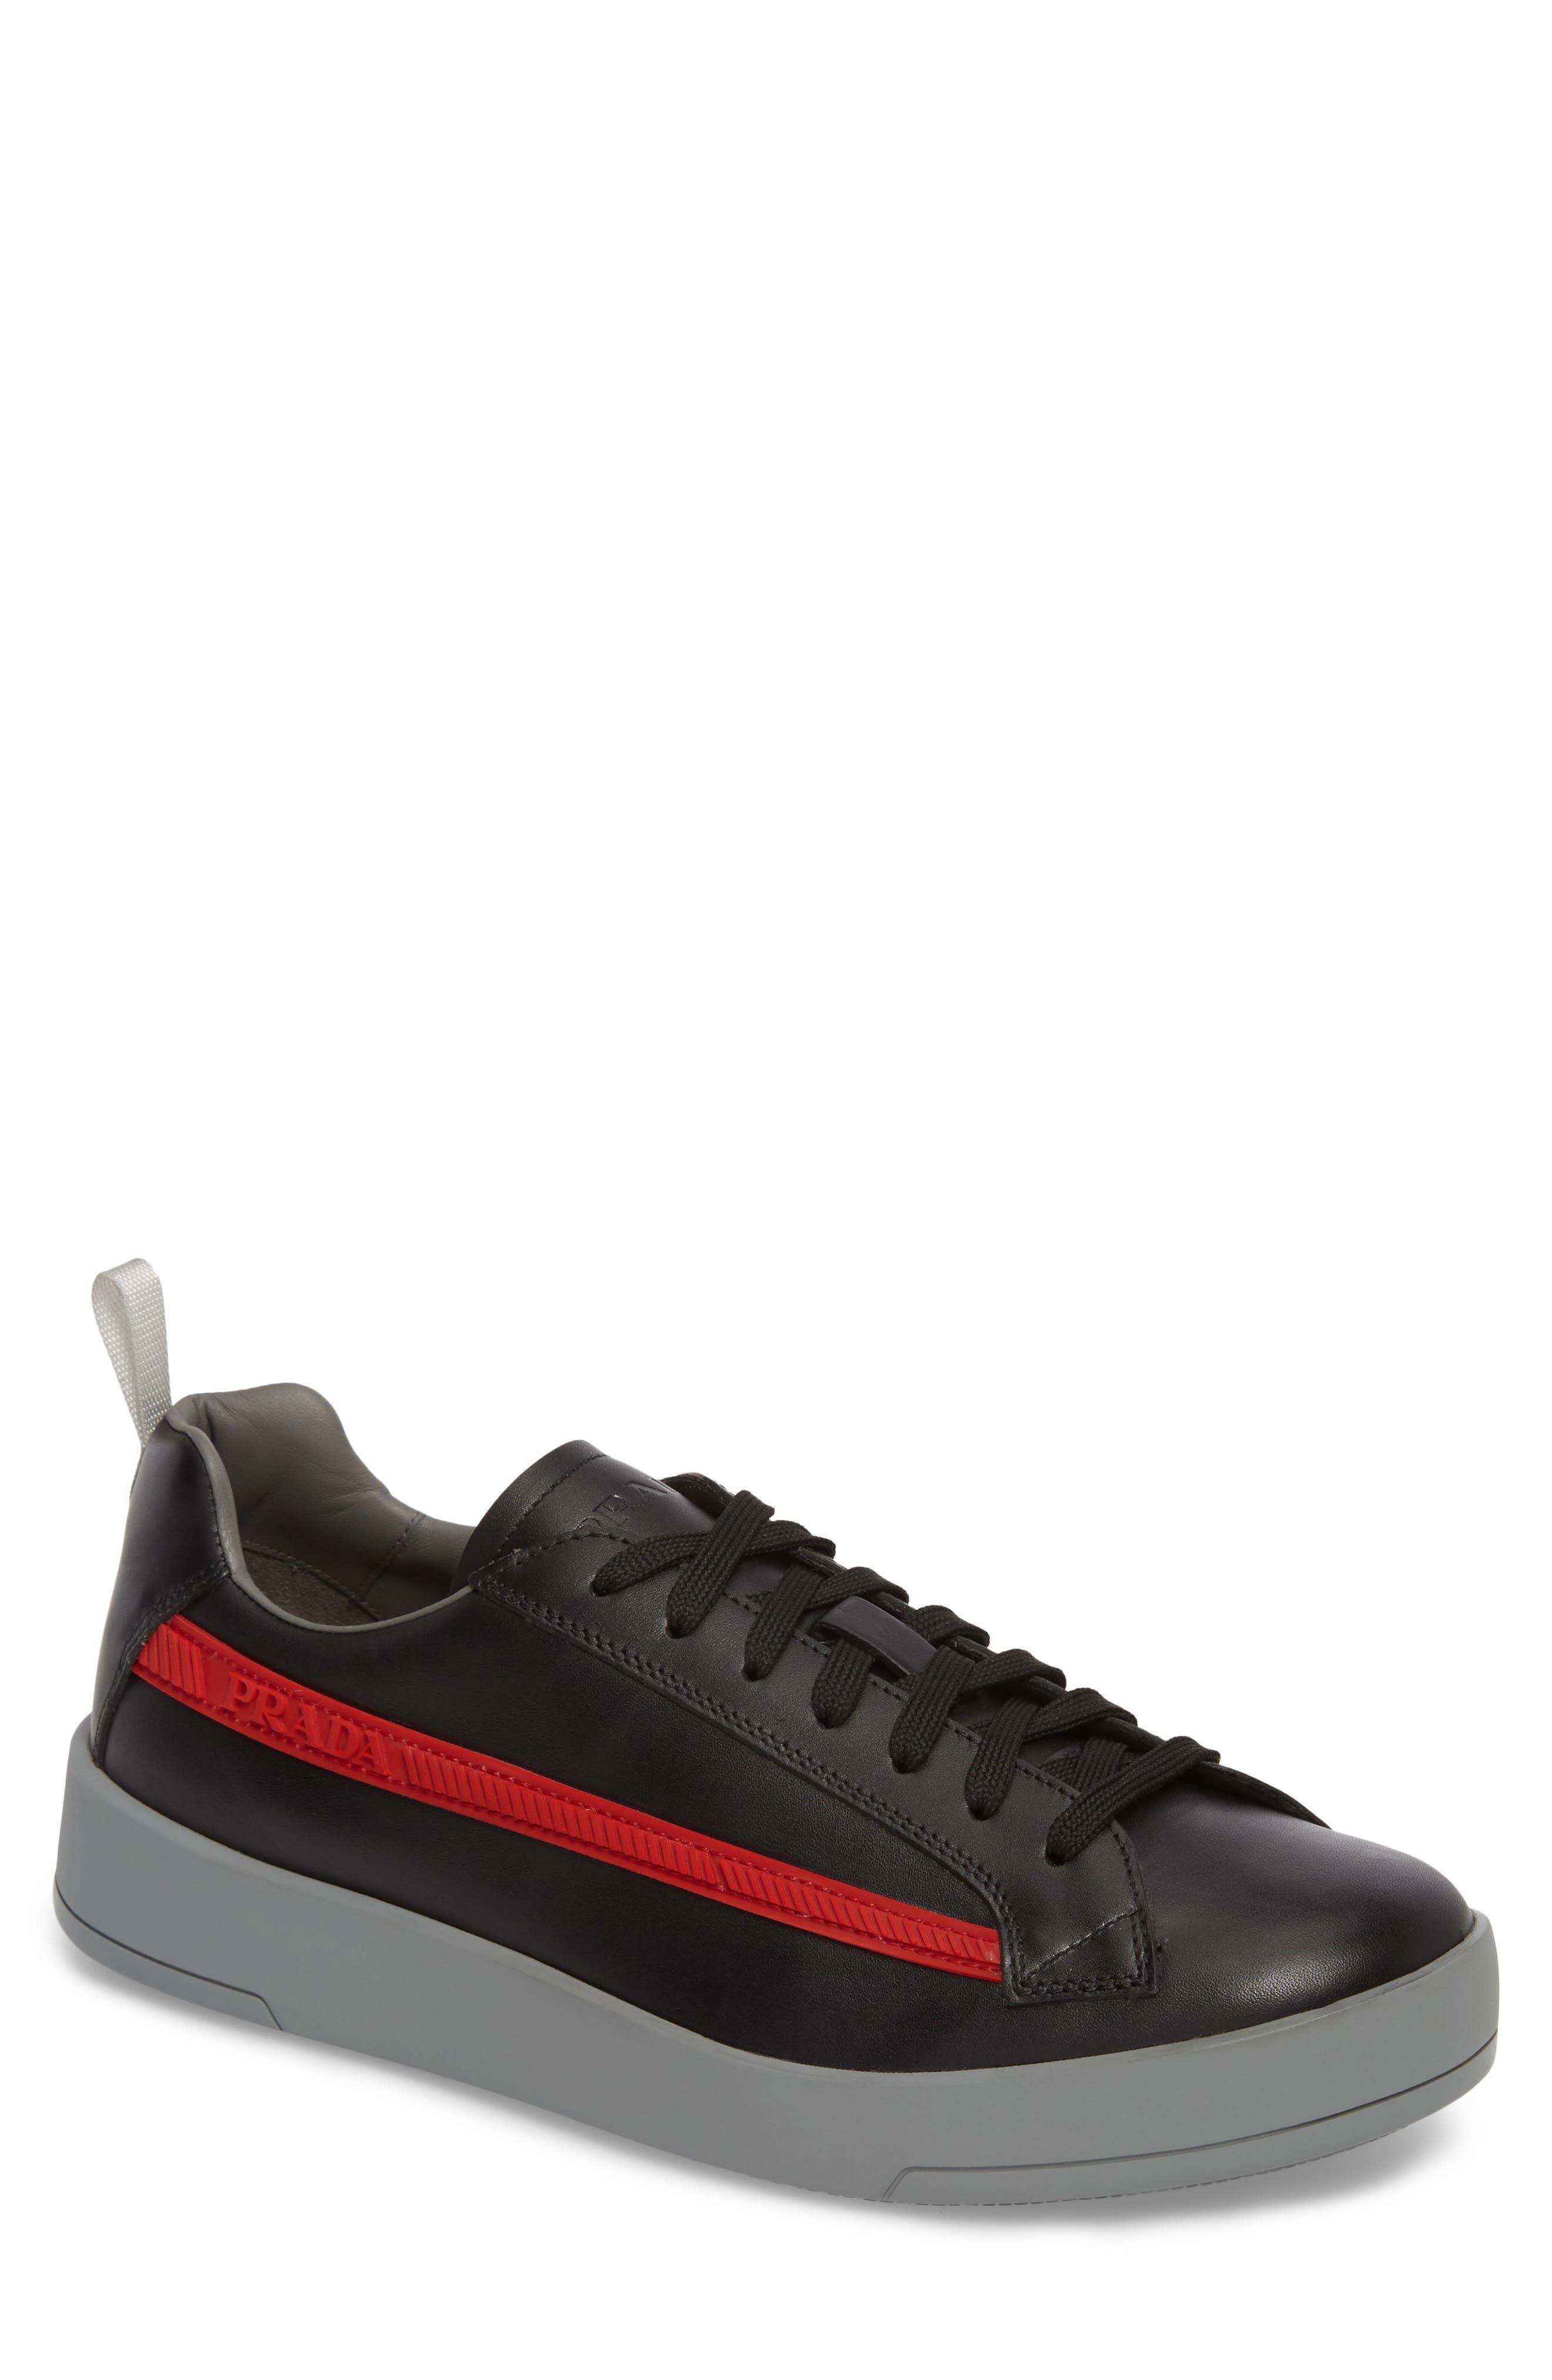 Alternate Image 1 Selected - Prada Linea Rossa Sneaker (Men)